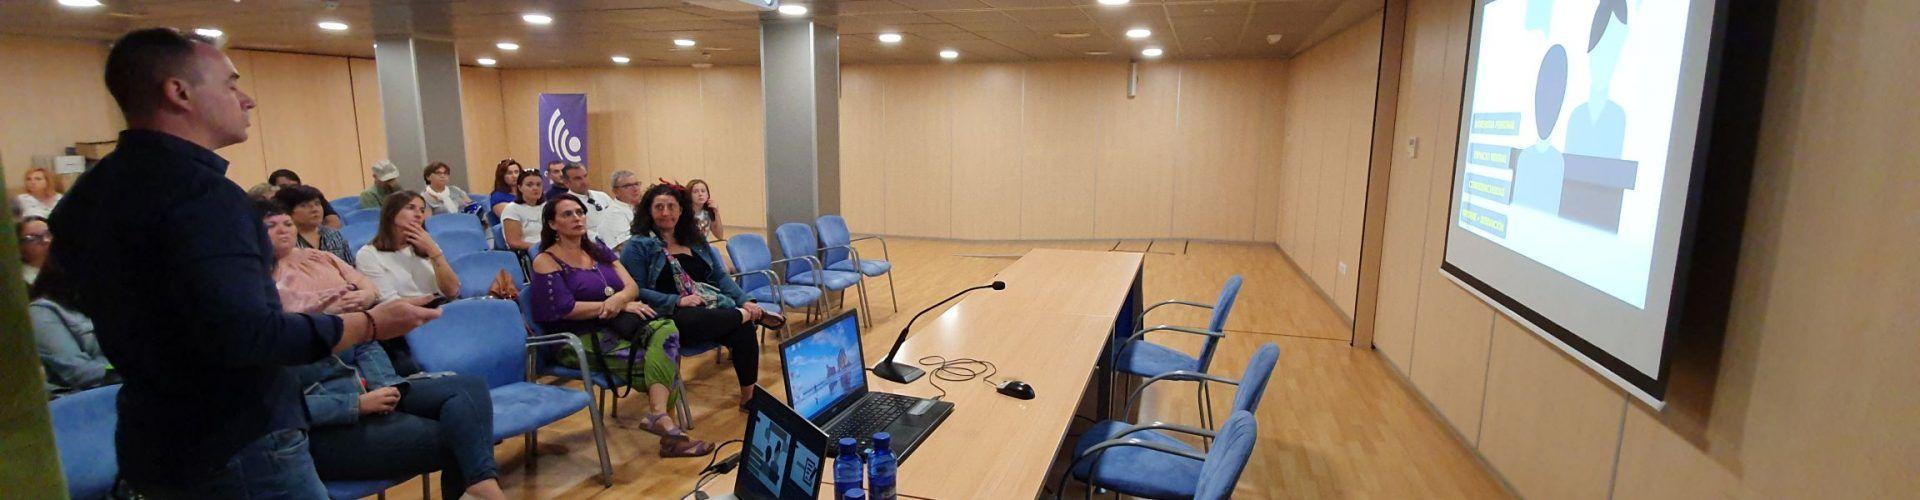 Conferència a Vinaròs sobre l'assetjament escolar